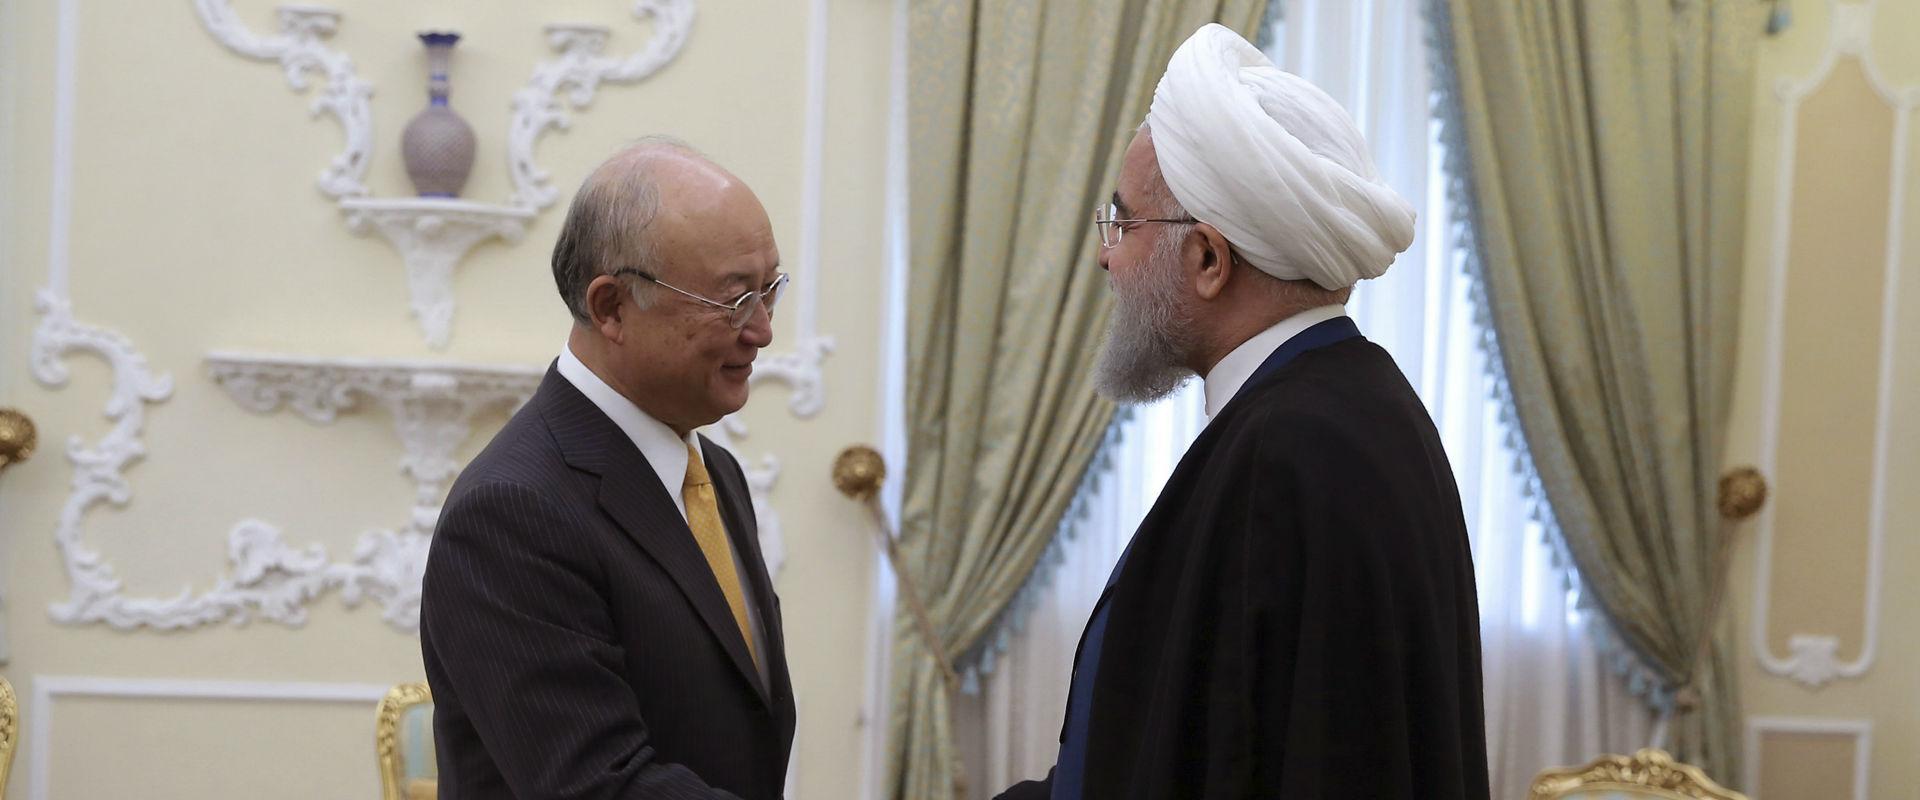 """נשיא איראן רוחאני עם יו""""ר סבא""""א יוקיה אמאנו"""